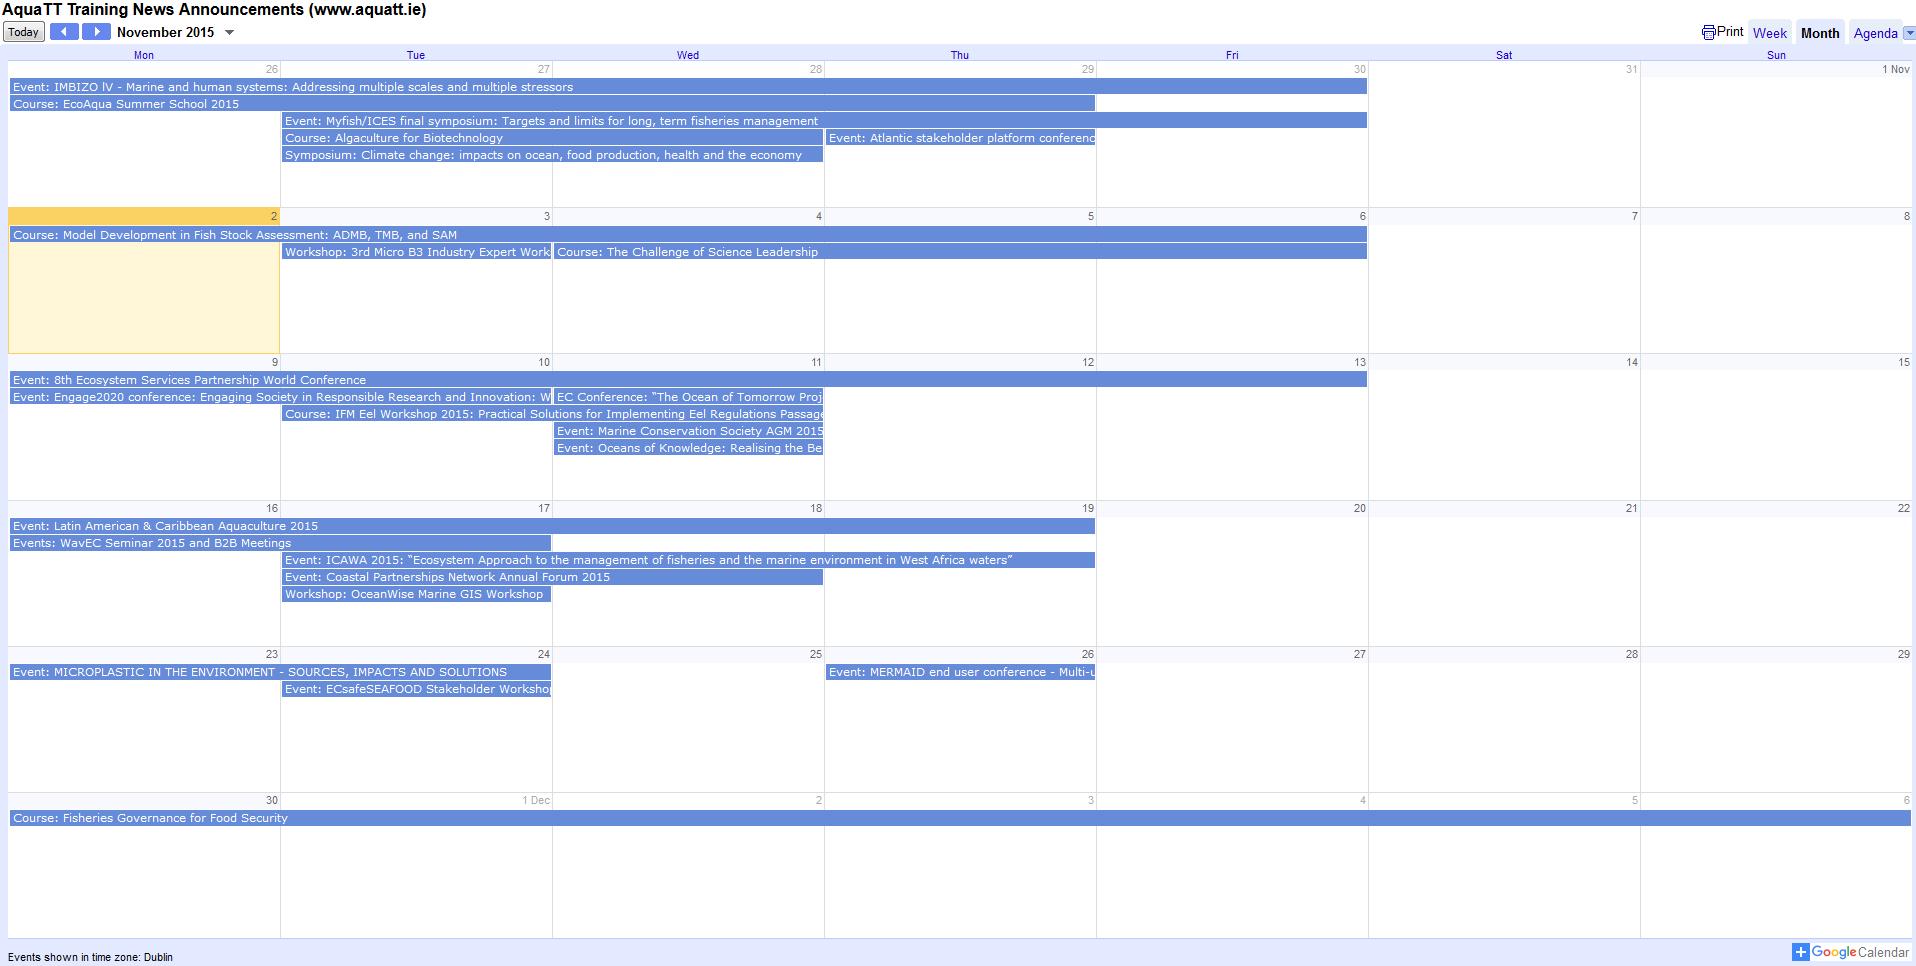 Nov2015 Calendar